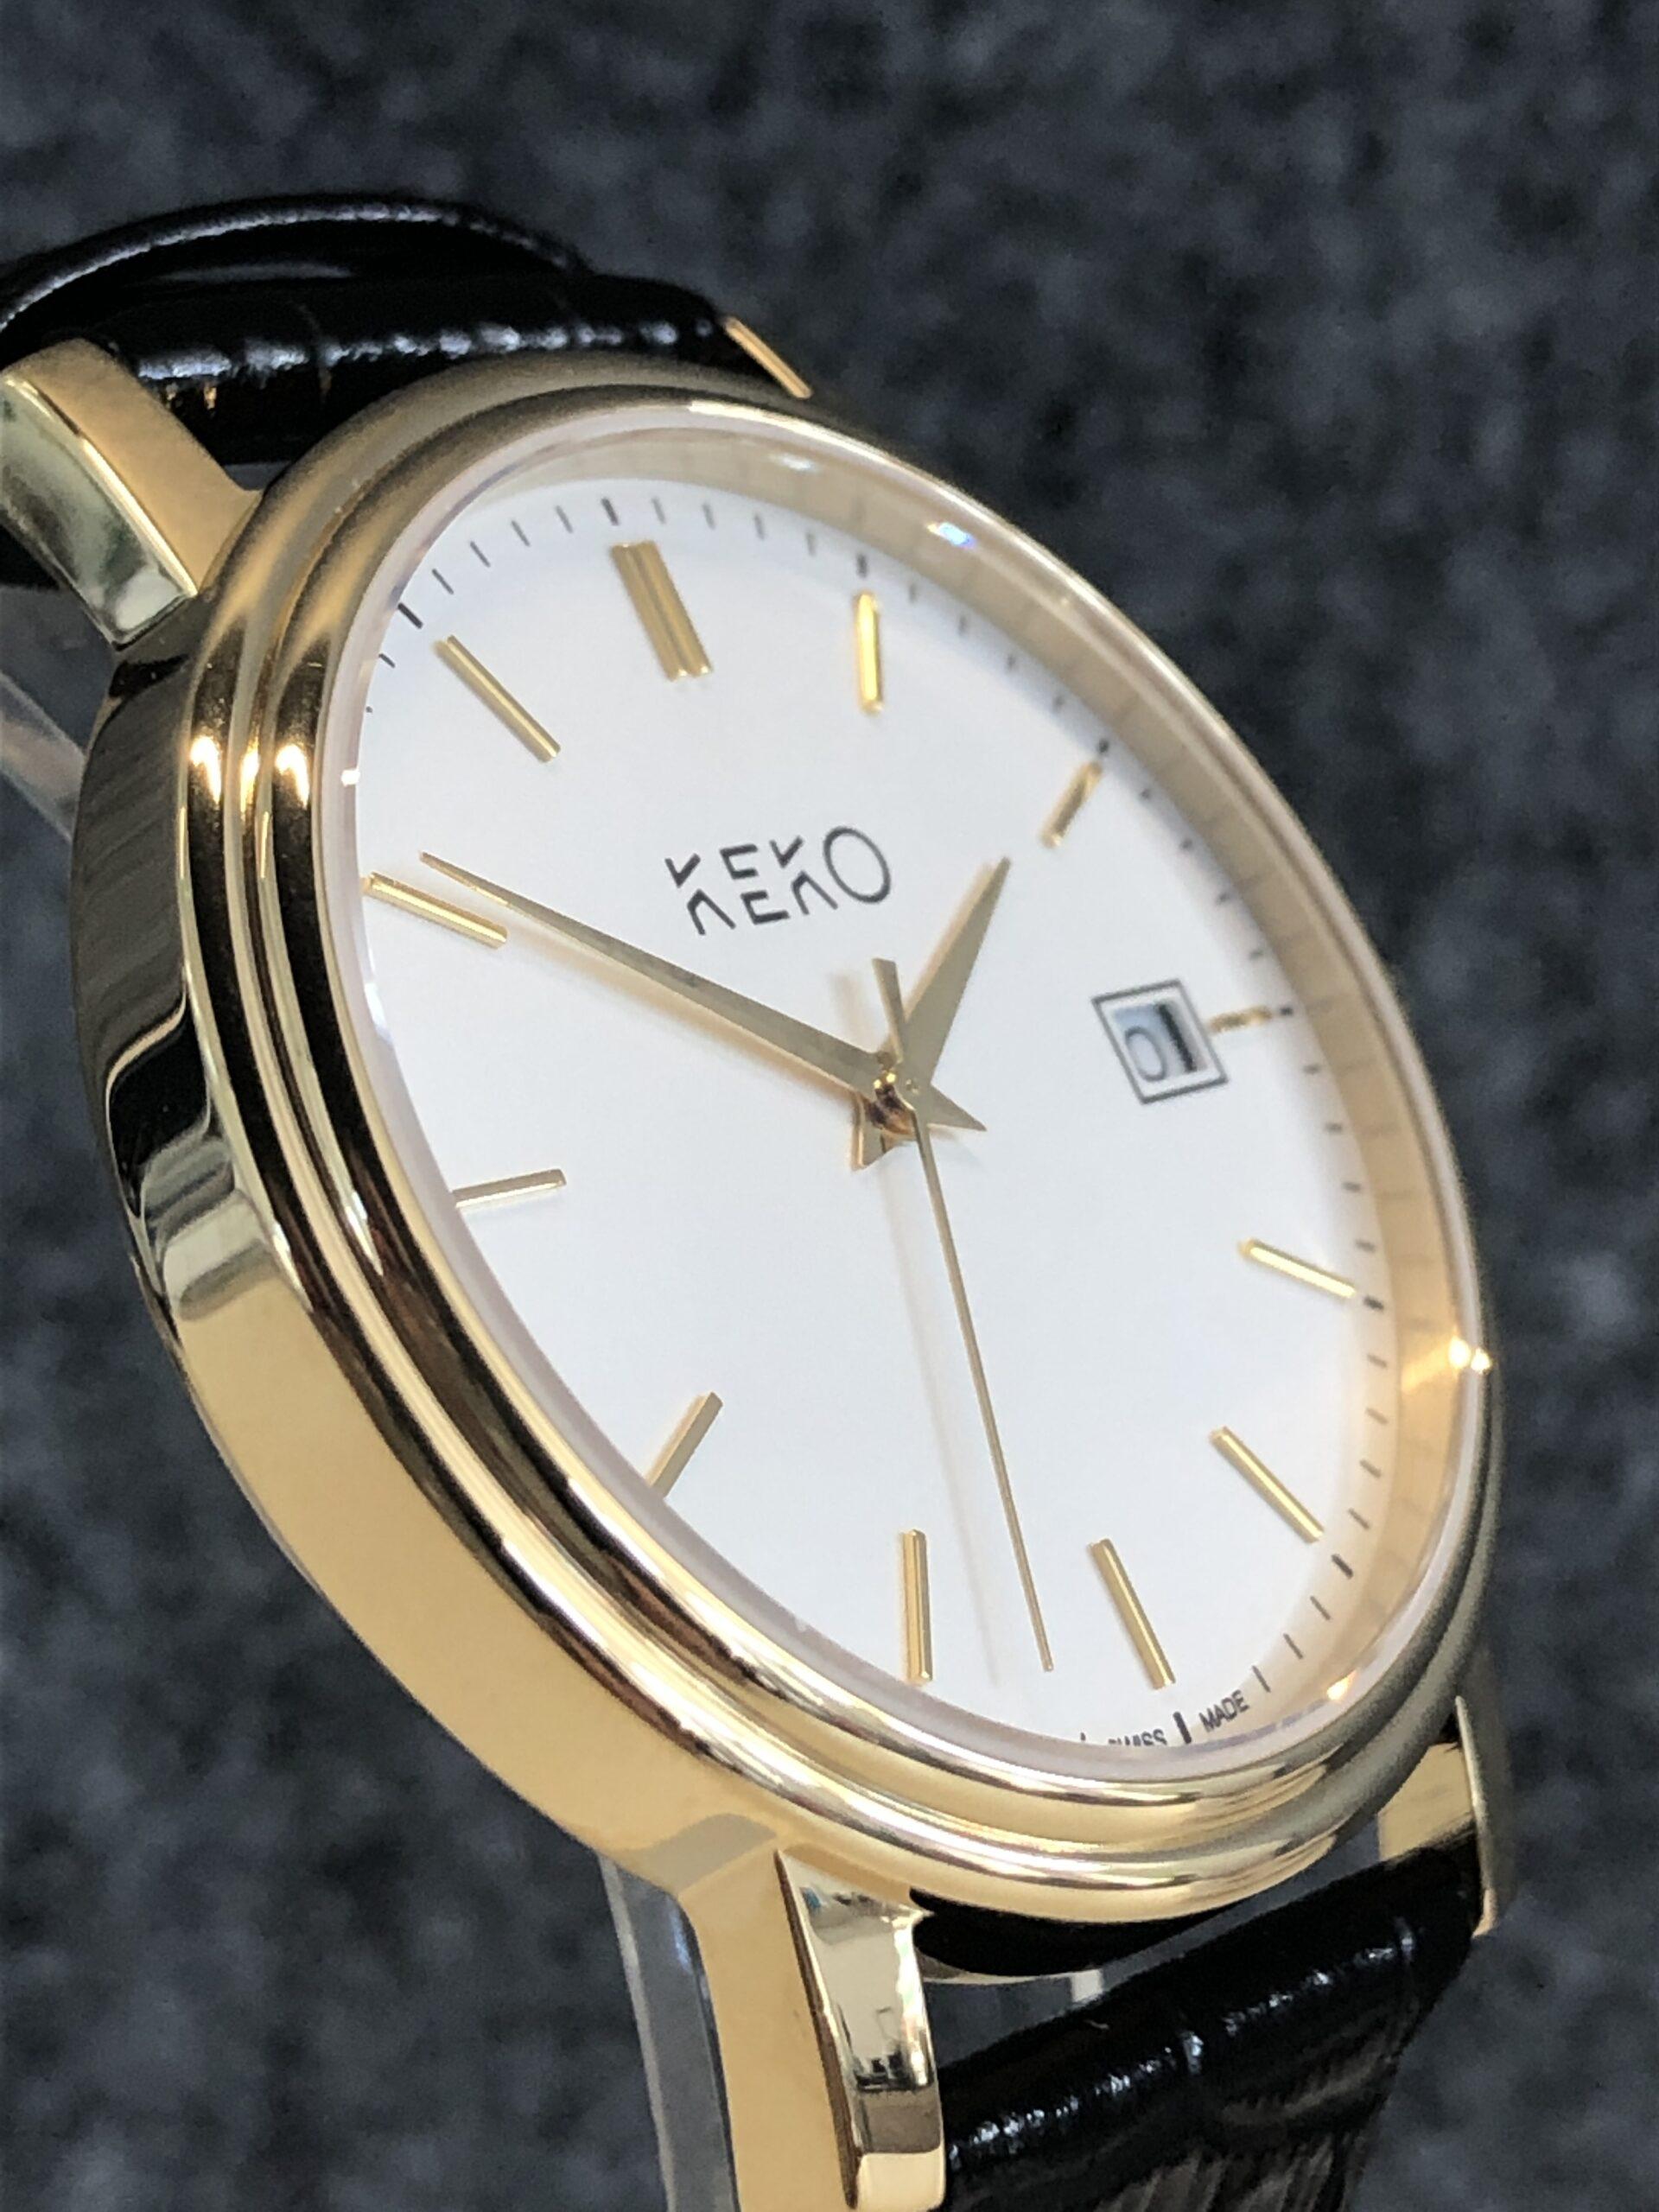 keko-uhr-classic-gold-seitenansicht